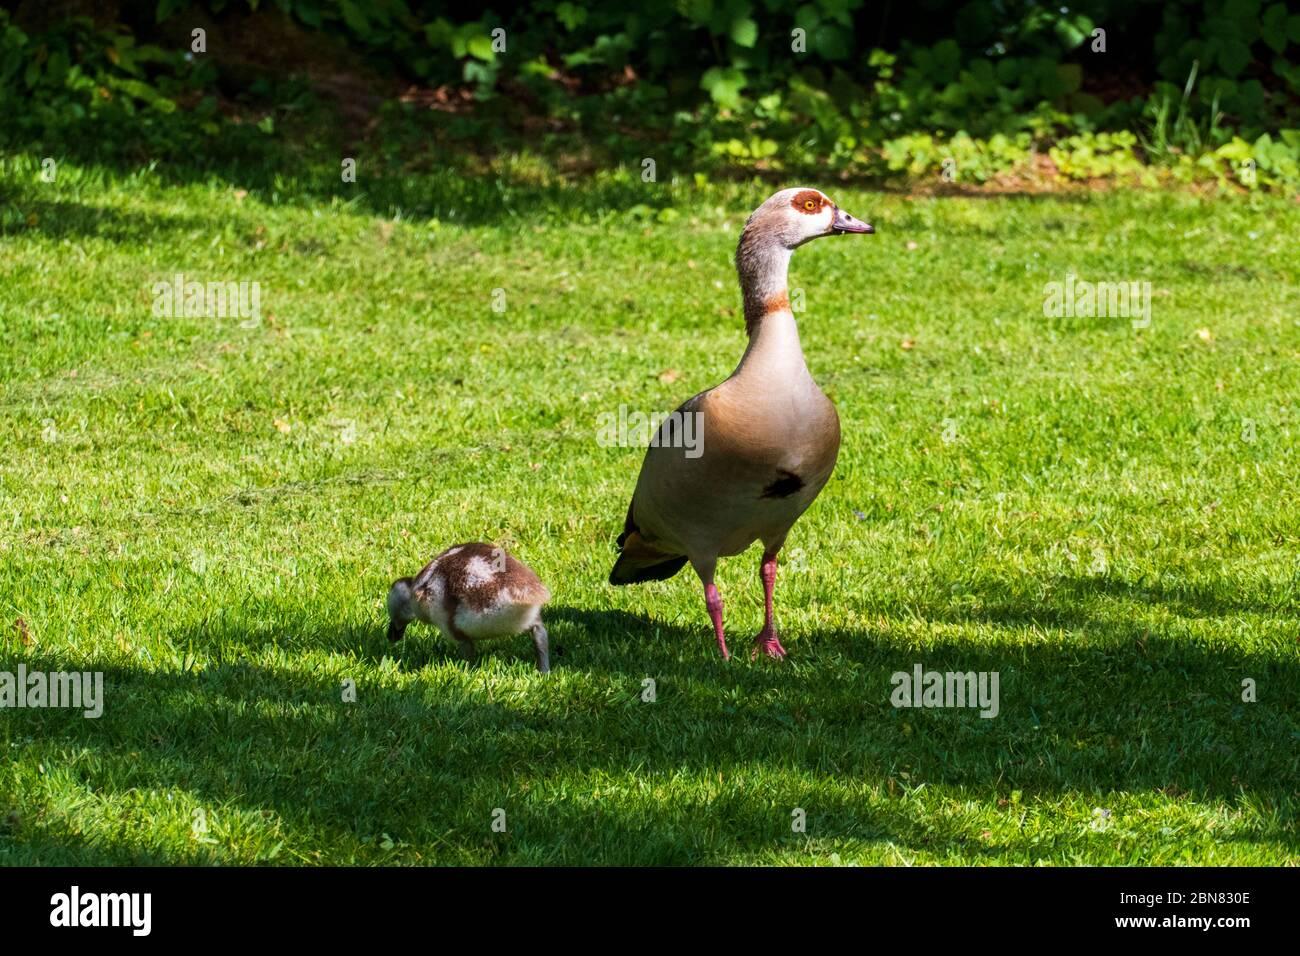 Junge Nilgänse Küken mit ihrer Mutter auf einer Wiese Stock Photo